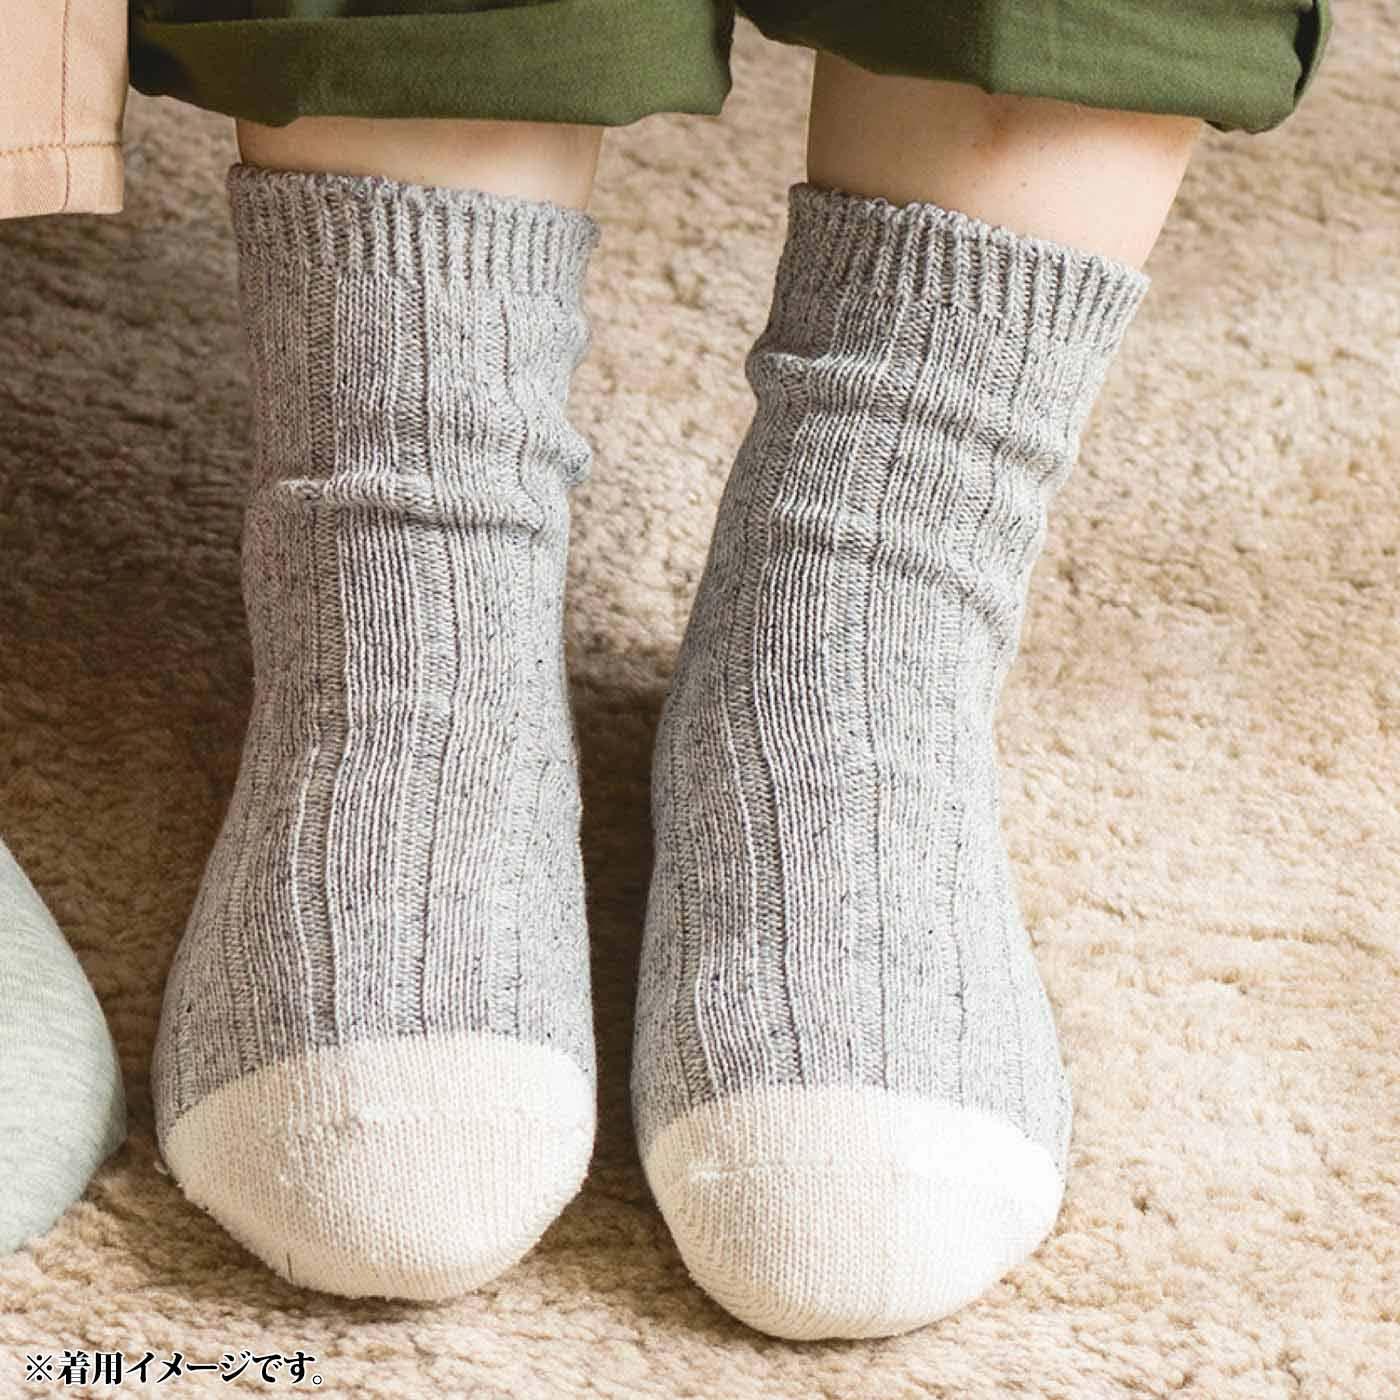 お手持ちの靴下のインナーソックスとしてはいても。